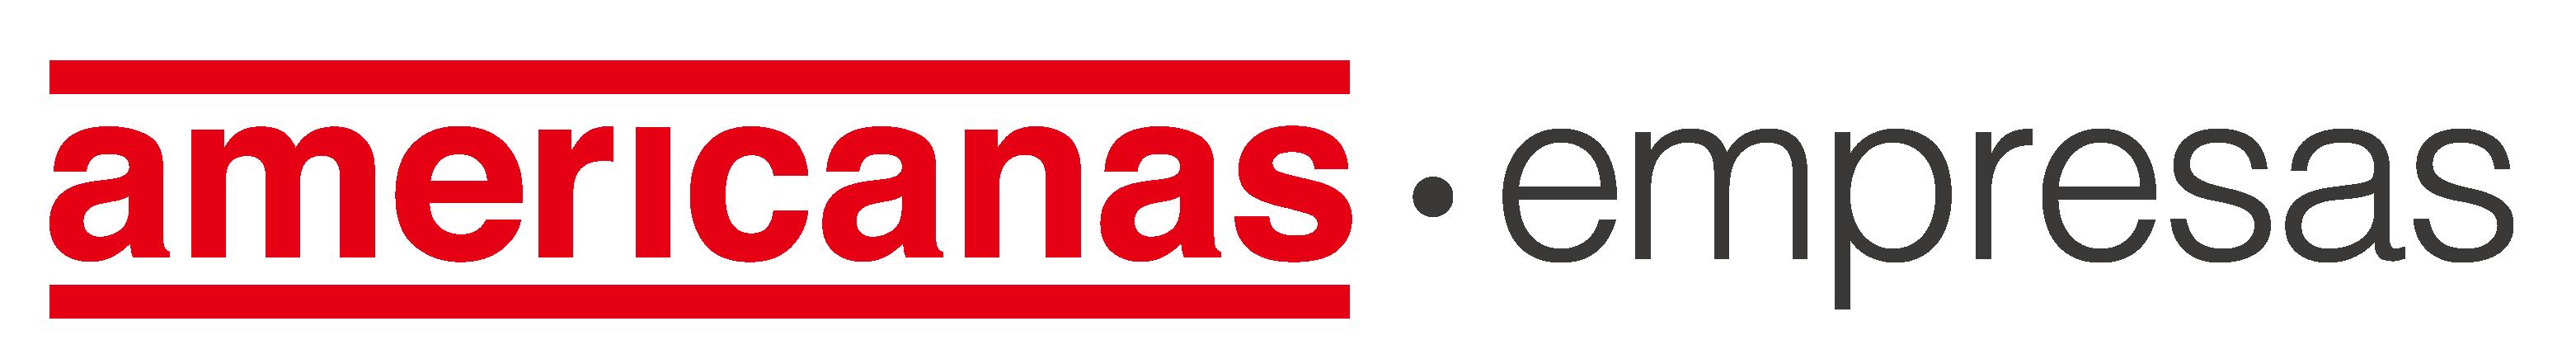 logo-americanas_empresas